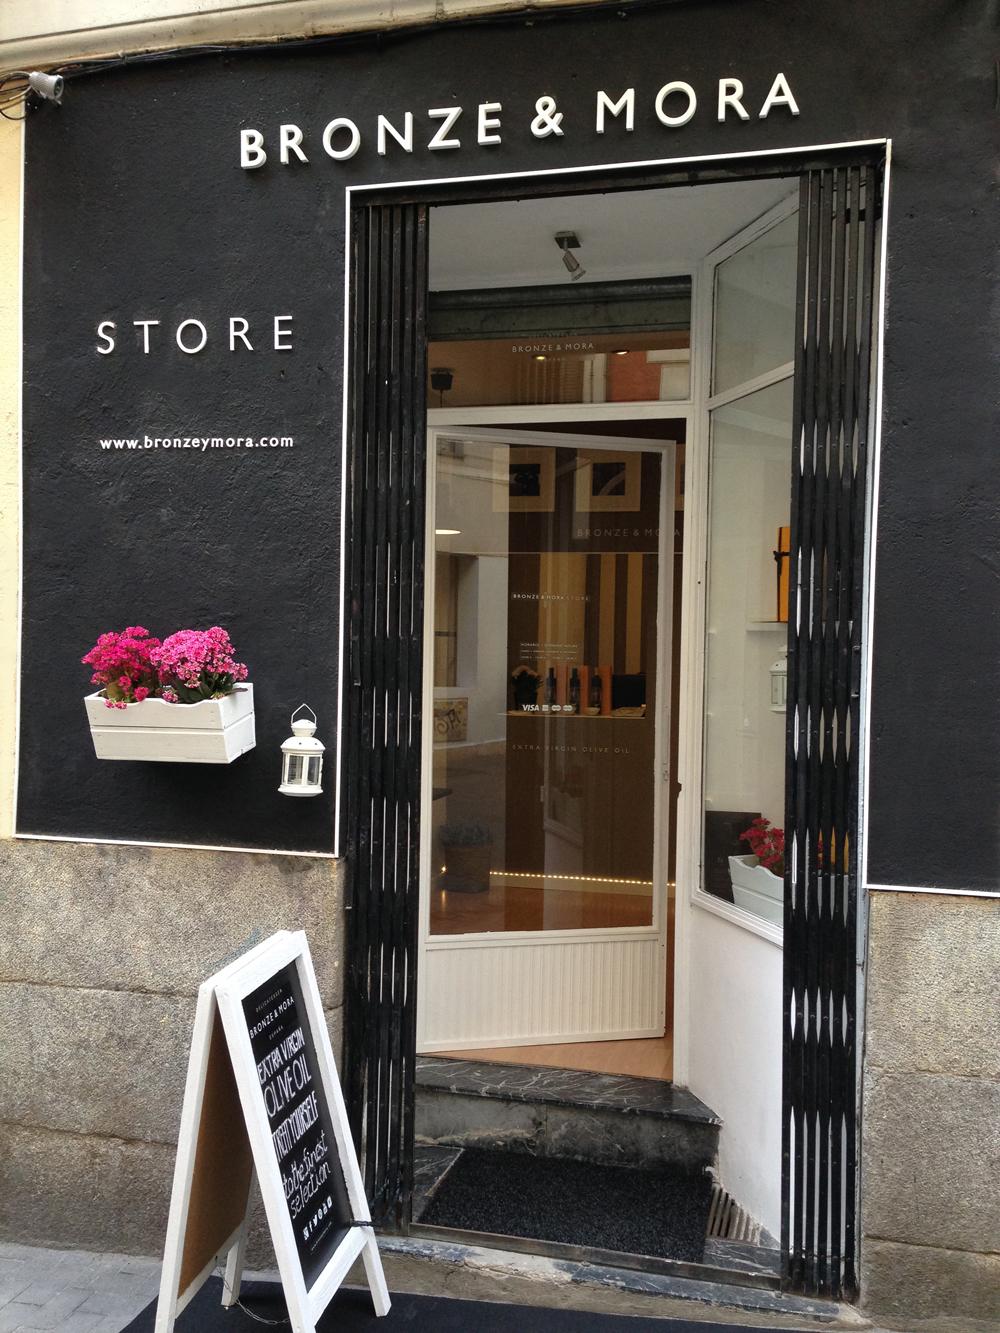 Fachada-Bronze-&-Mora-aovestore-ideal-para-regalar-tienda-del-mejor-aceite-de-oliva-virgen-extra-gastrobox-estuches-de-maridaje-para-regalar